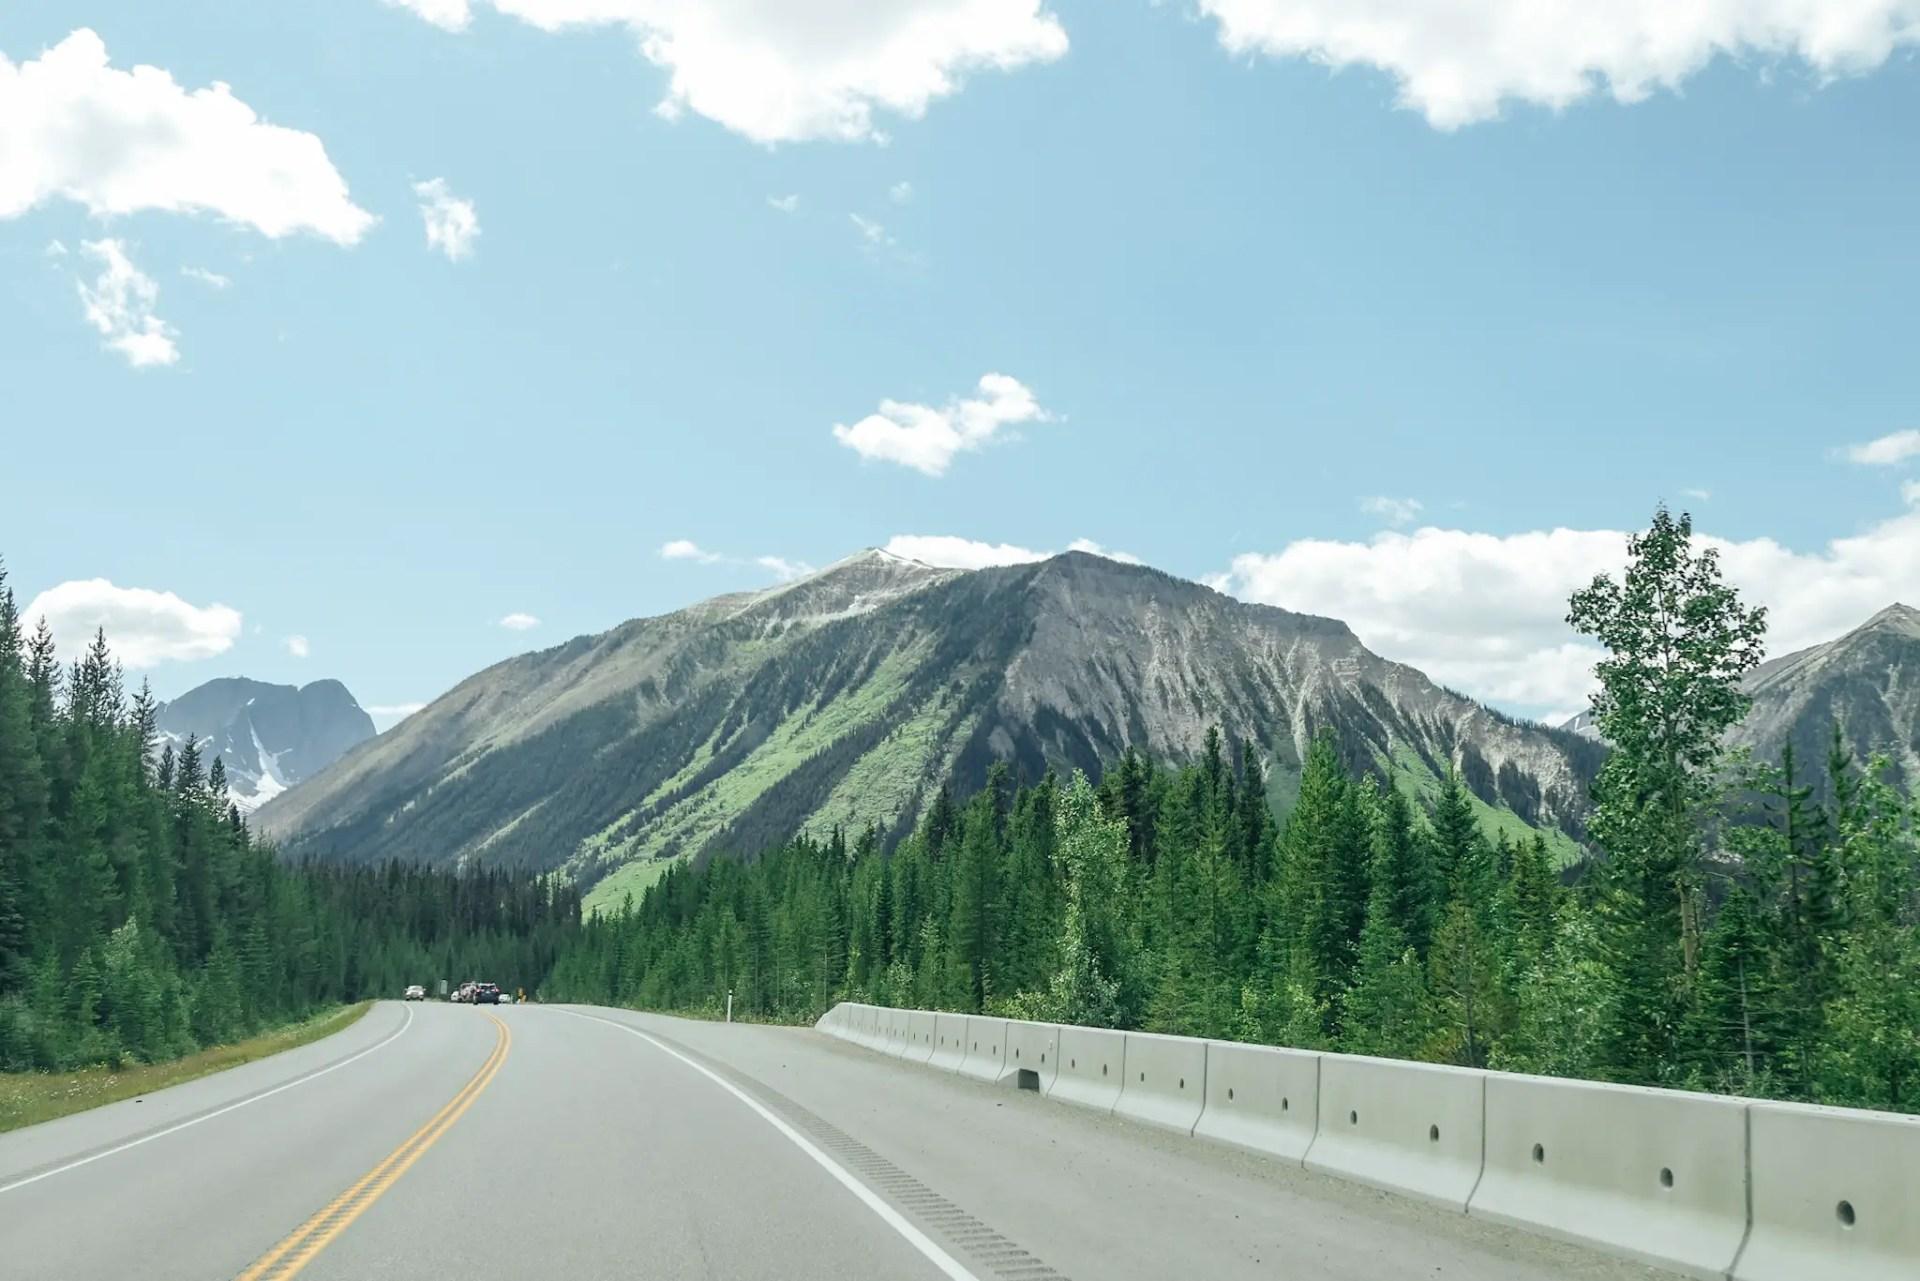 route colombie britannique canada